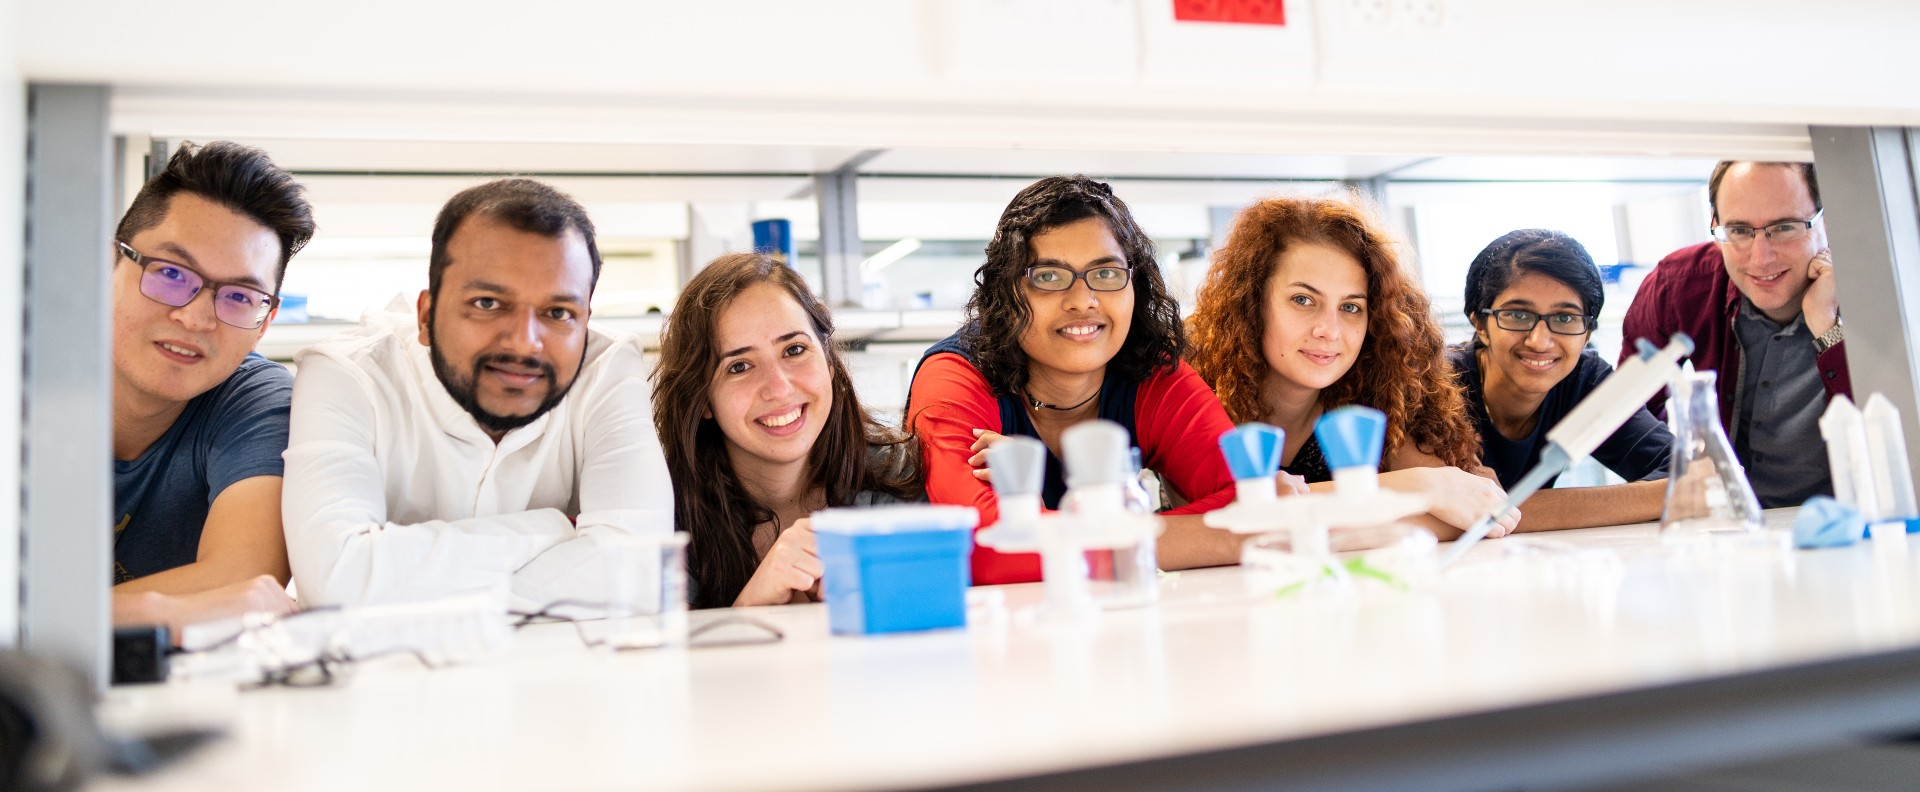 מהפכה ירוקה : שימוש בחלבונים טבעיים ליצירת פולימרים מוליכים